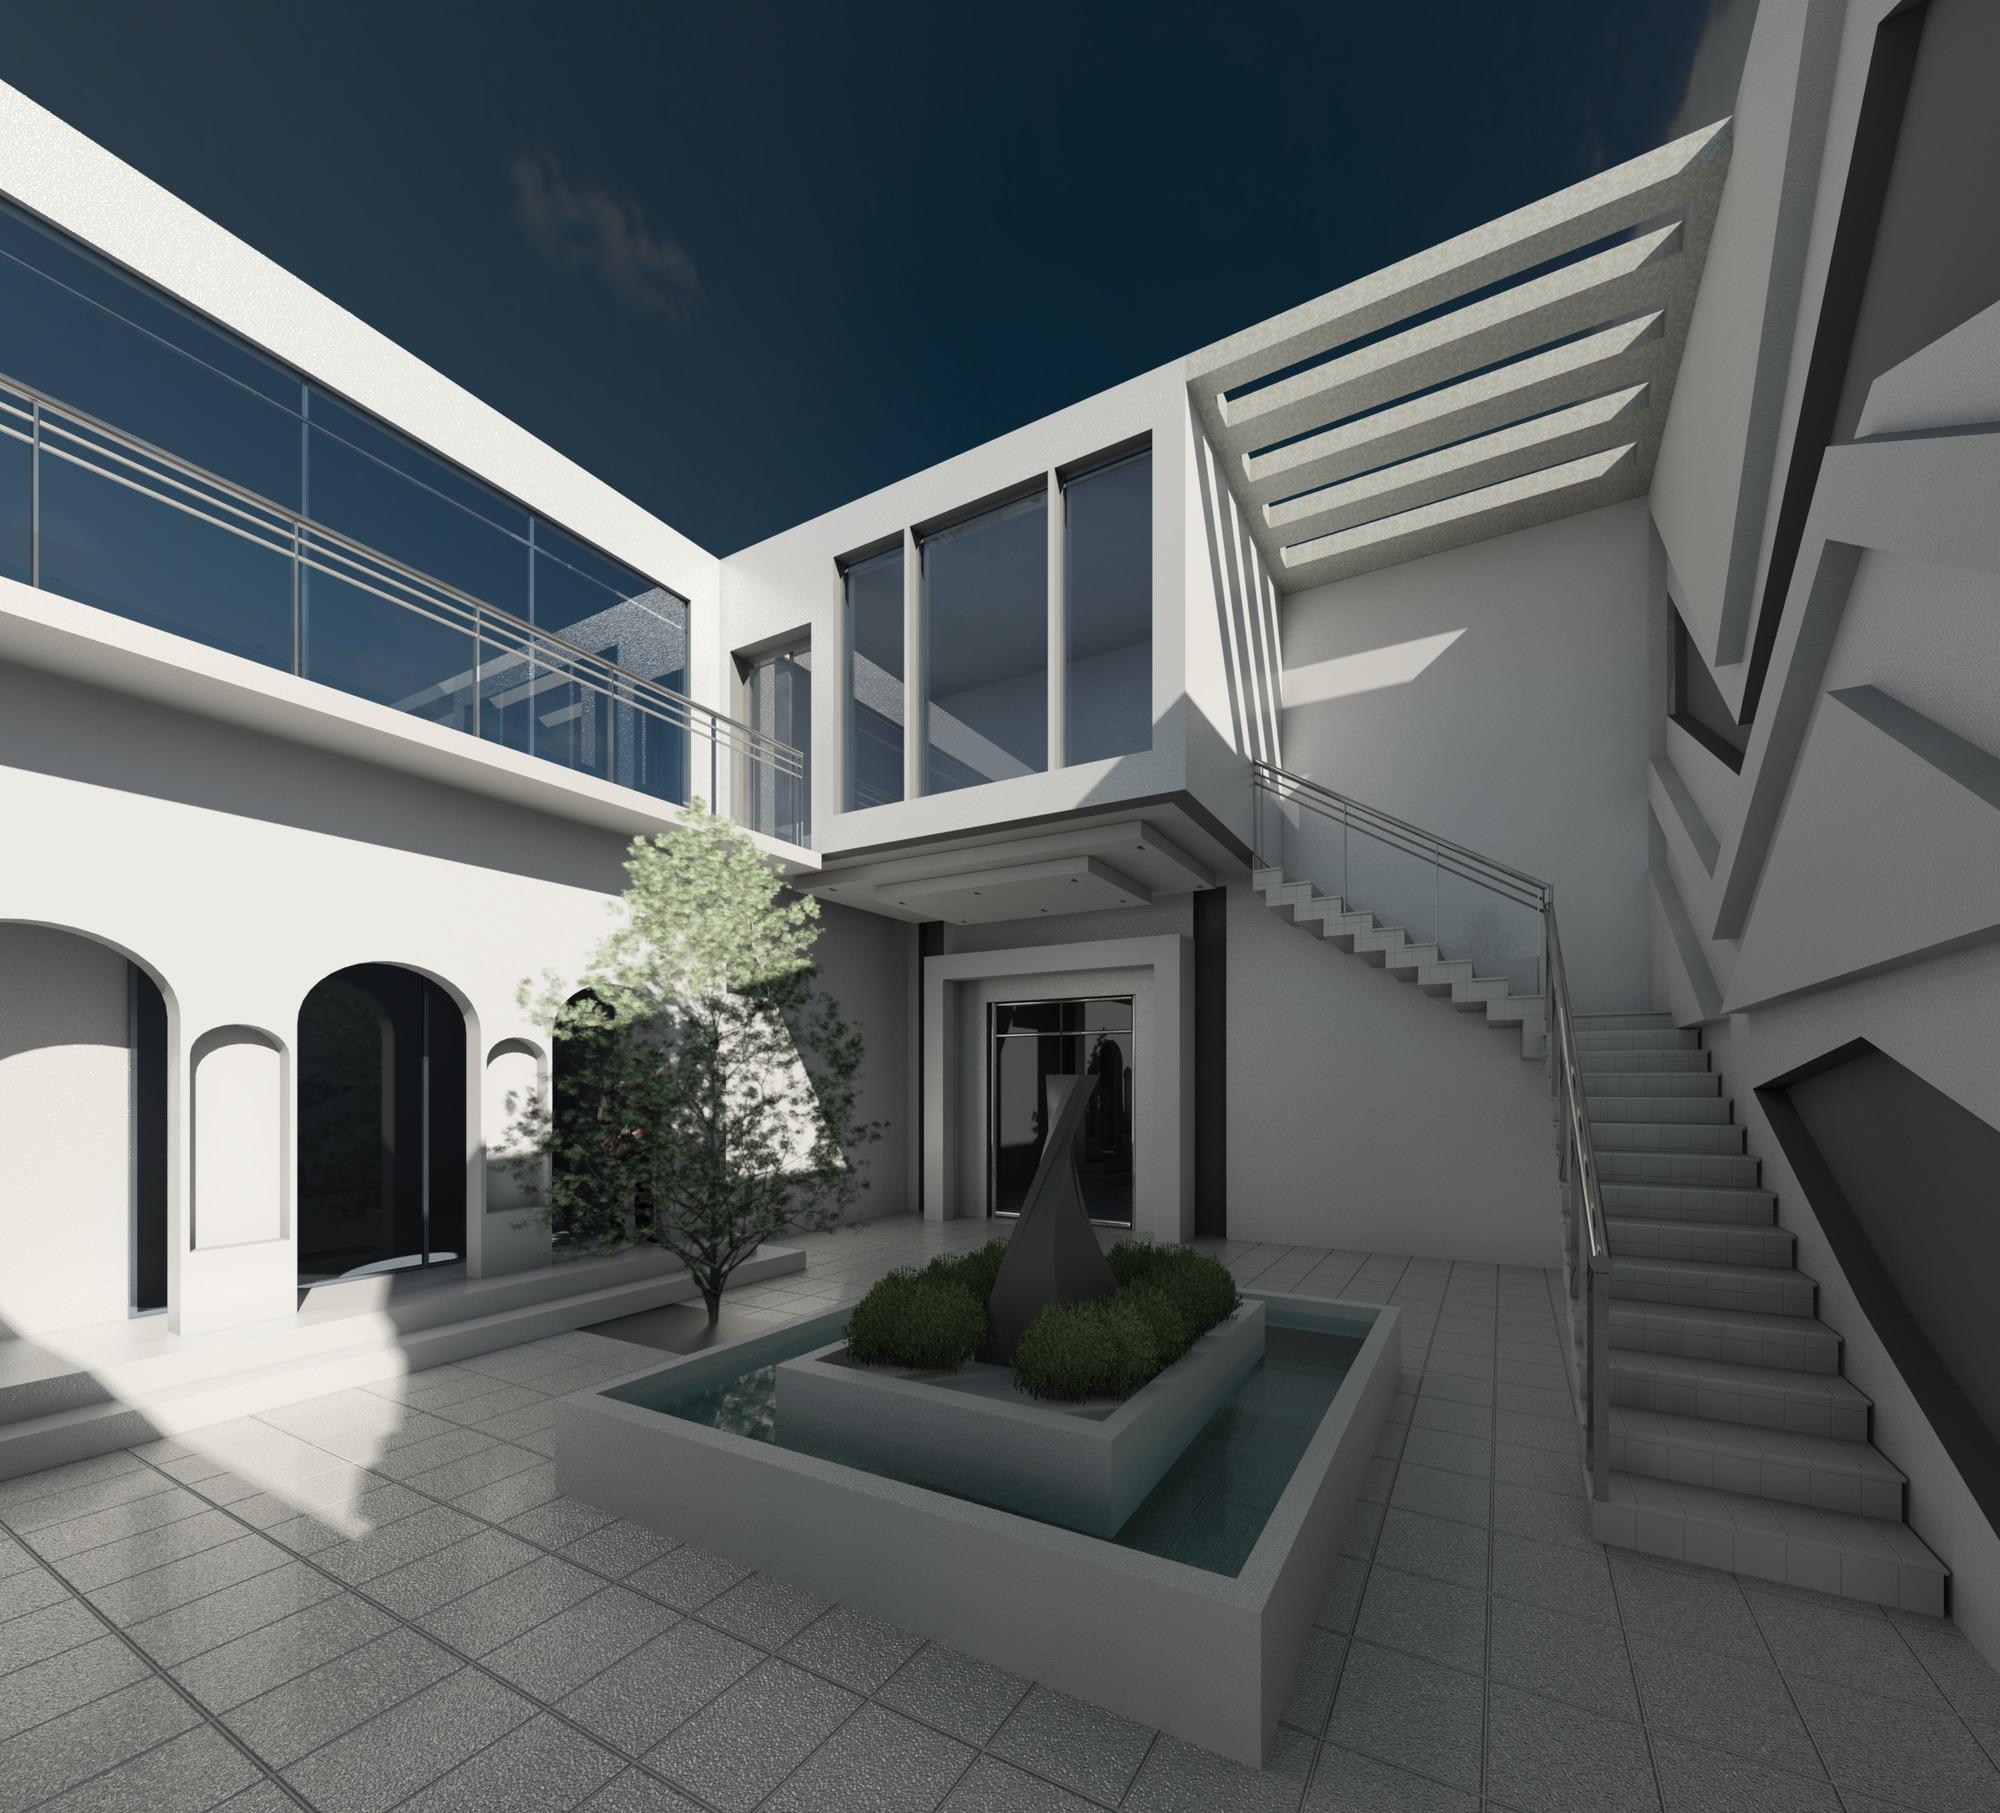 Raas-rendering20141005-6312-1havswd